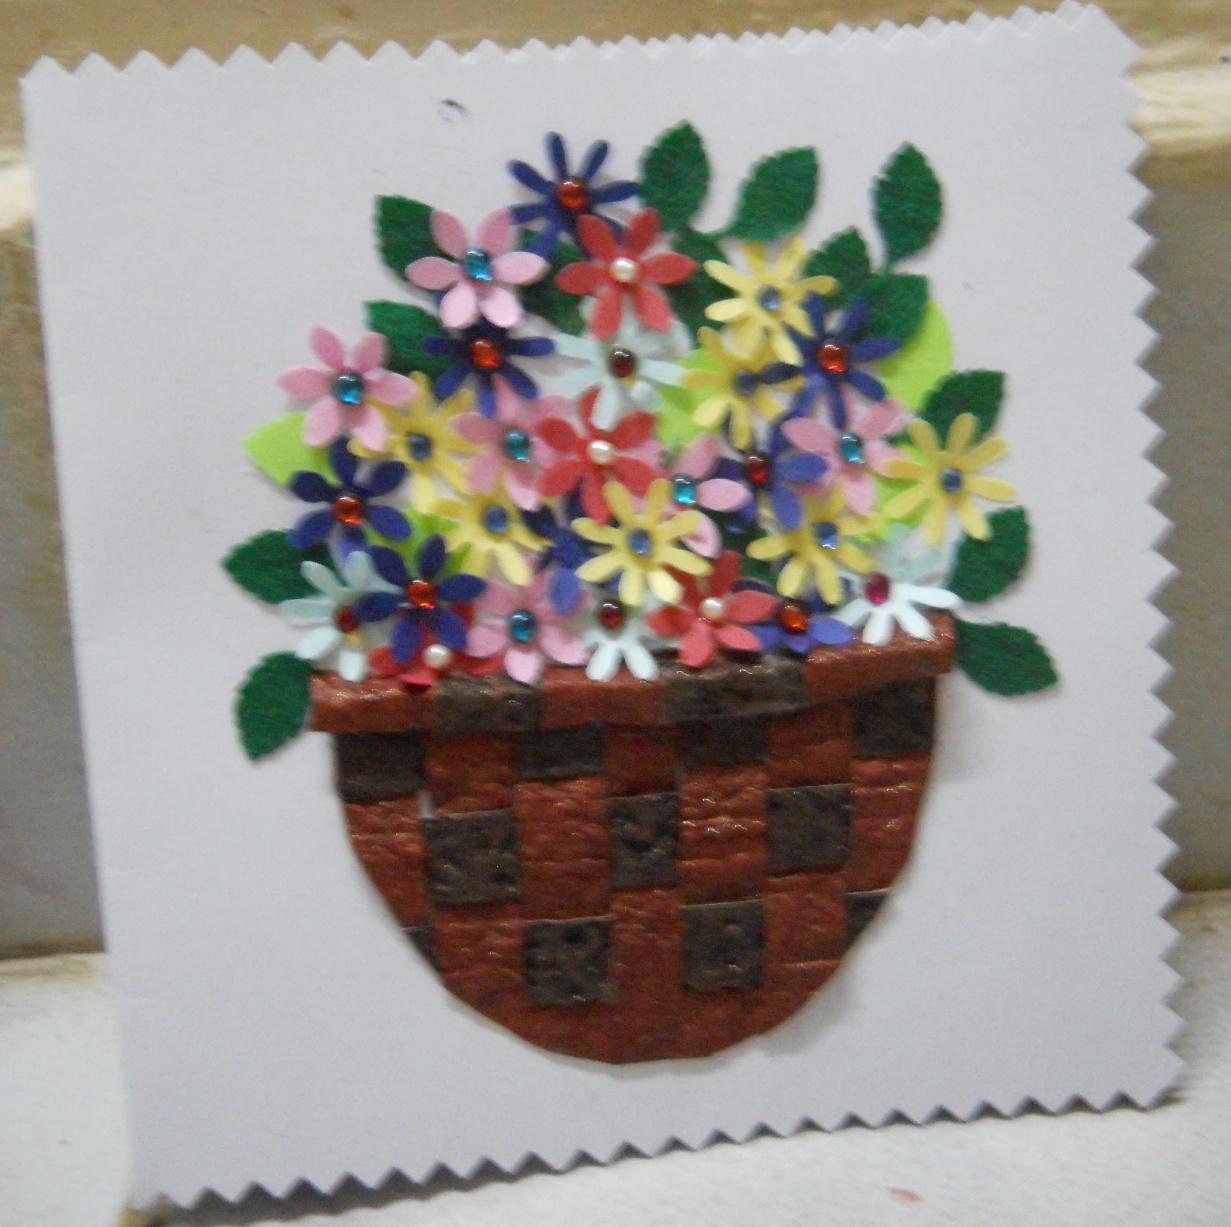 Bhuvana S Creative World Greeting Card Making